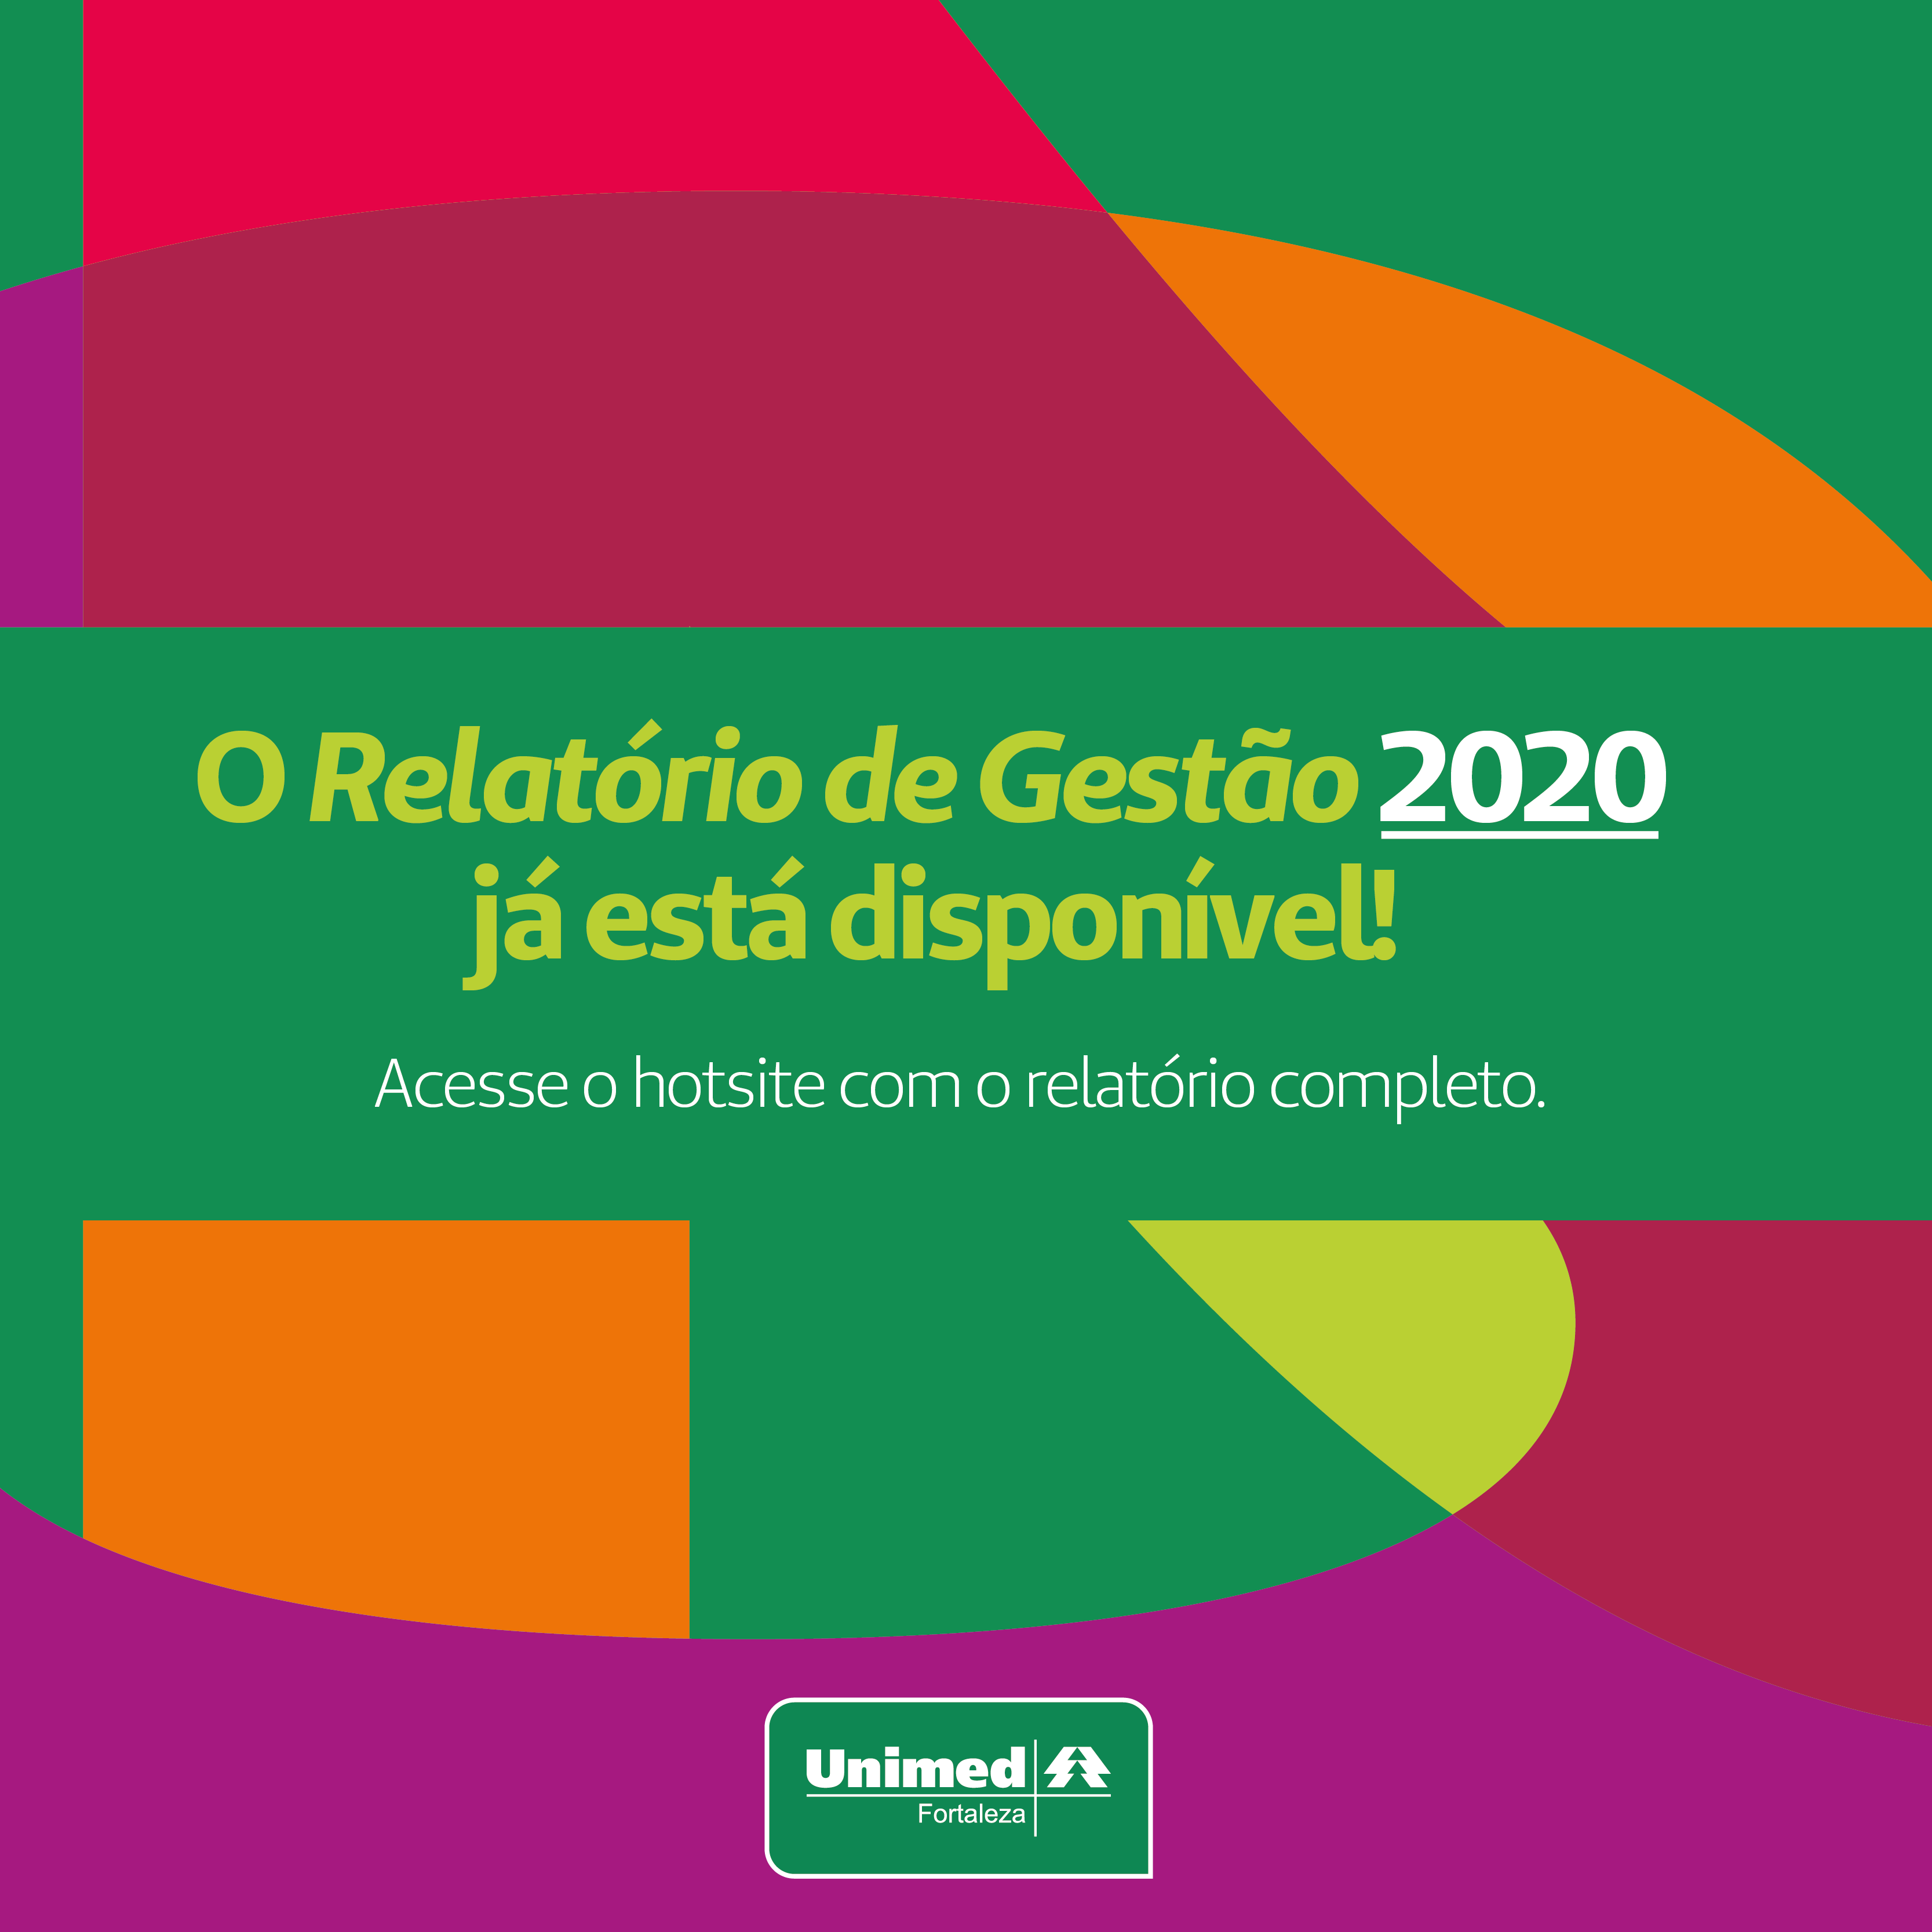 Relatório de Gestão e Sustentabilidade 2020